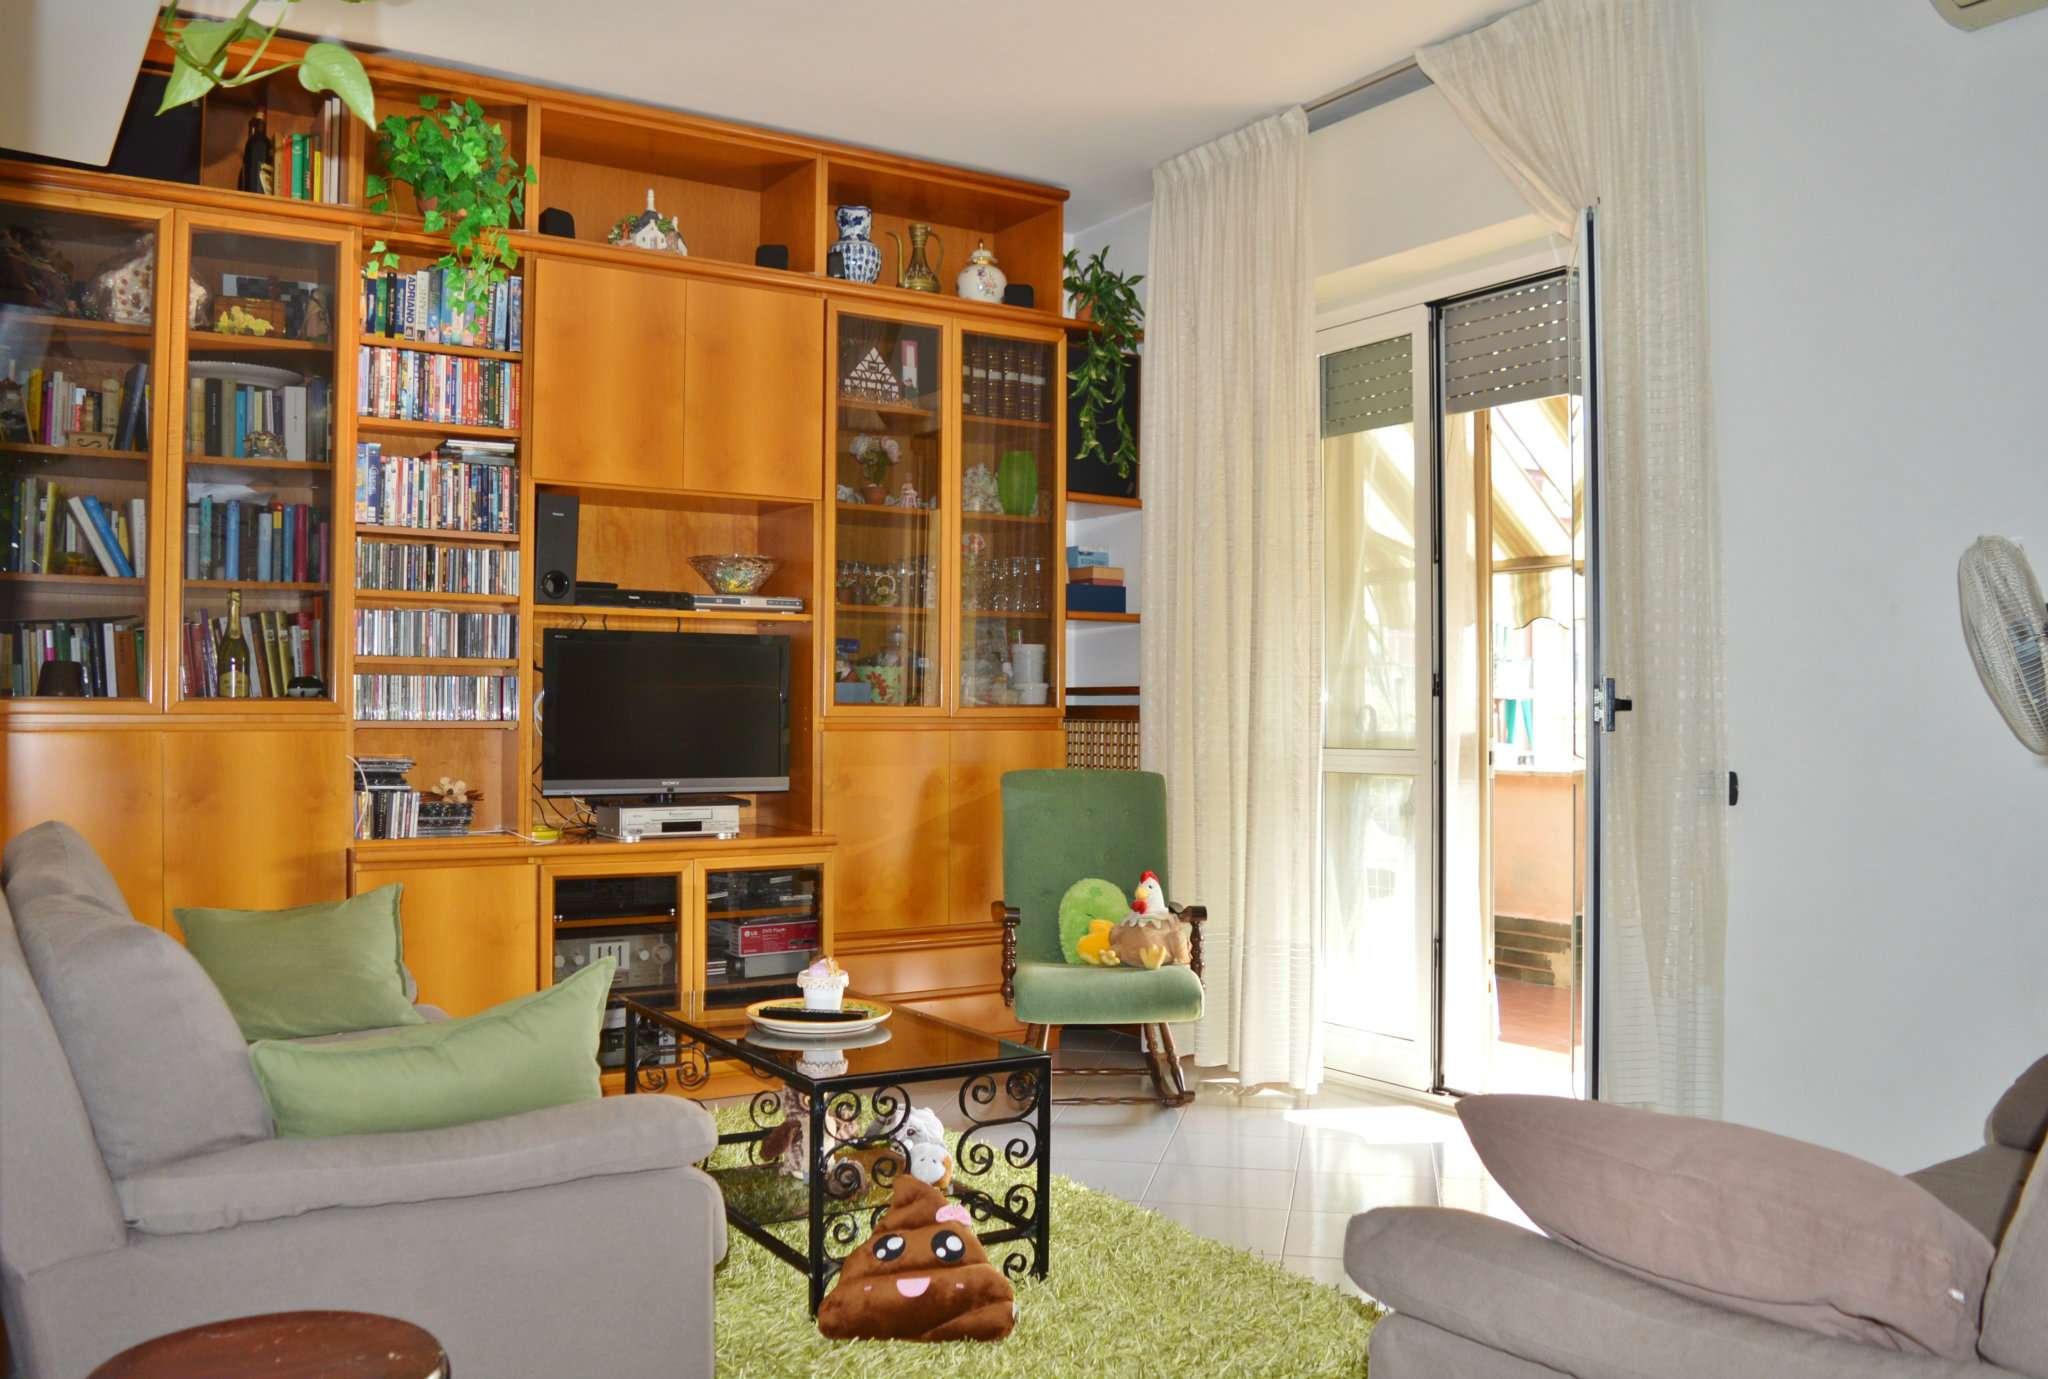 Appartamento in vendita a Pero, 4 locali, prezzo € 280.000 | CambioCasa.it